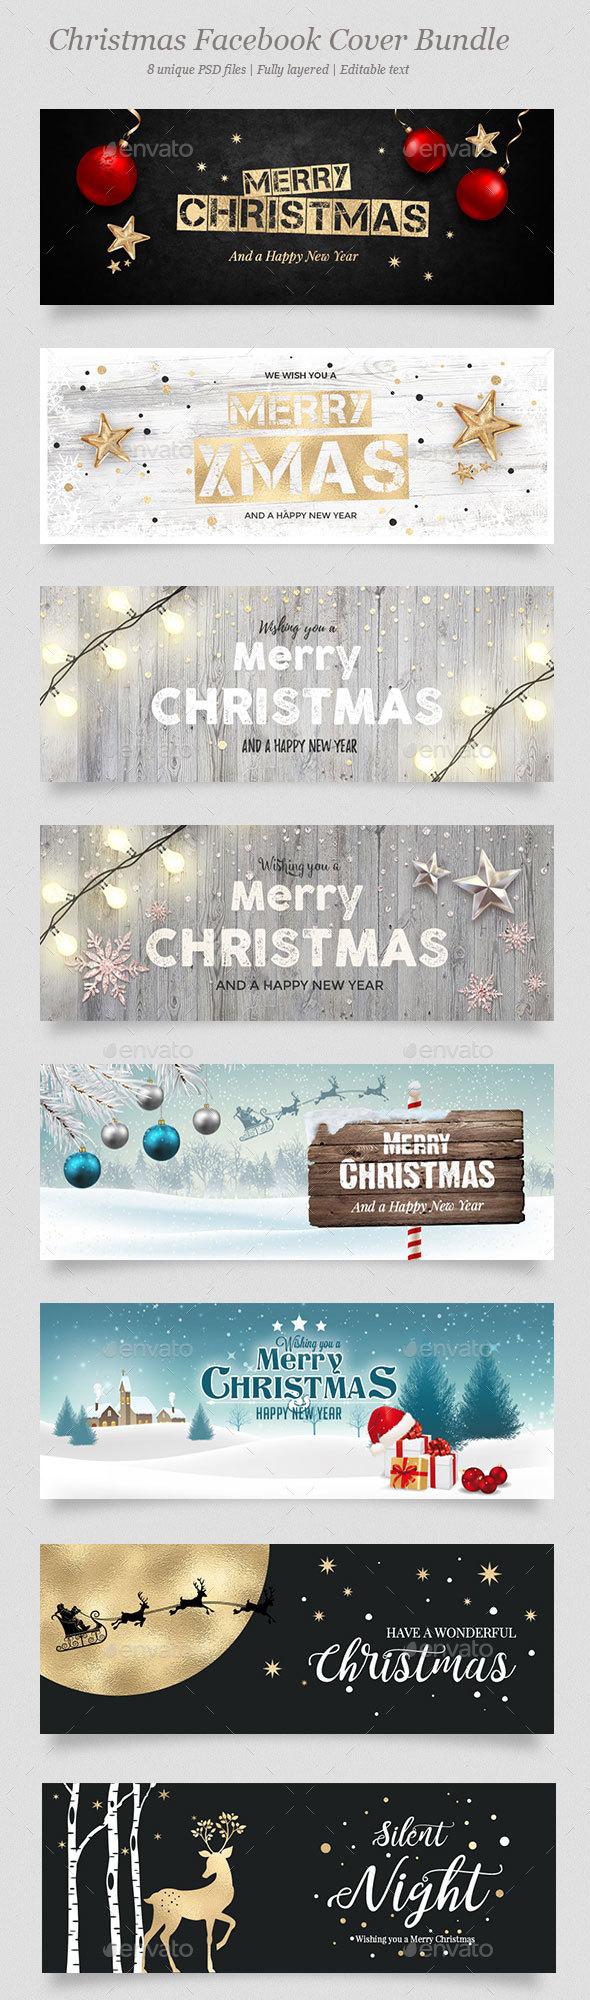 8 Christmas Facebook Banner Bundle - Facebook Timeline Covers Social Media